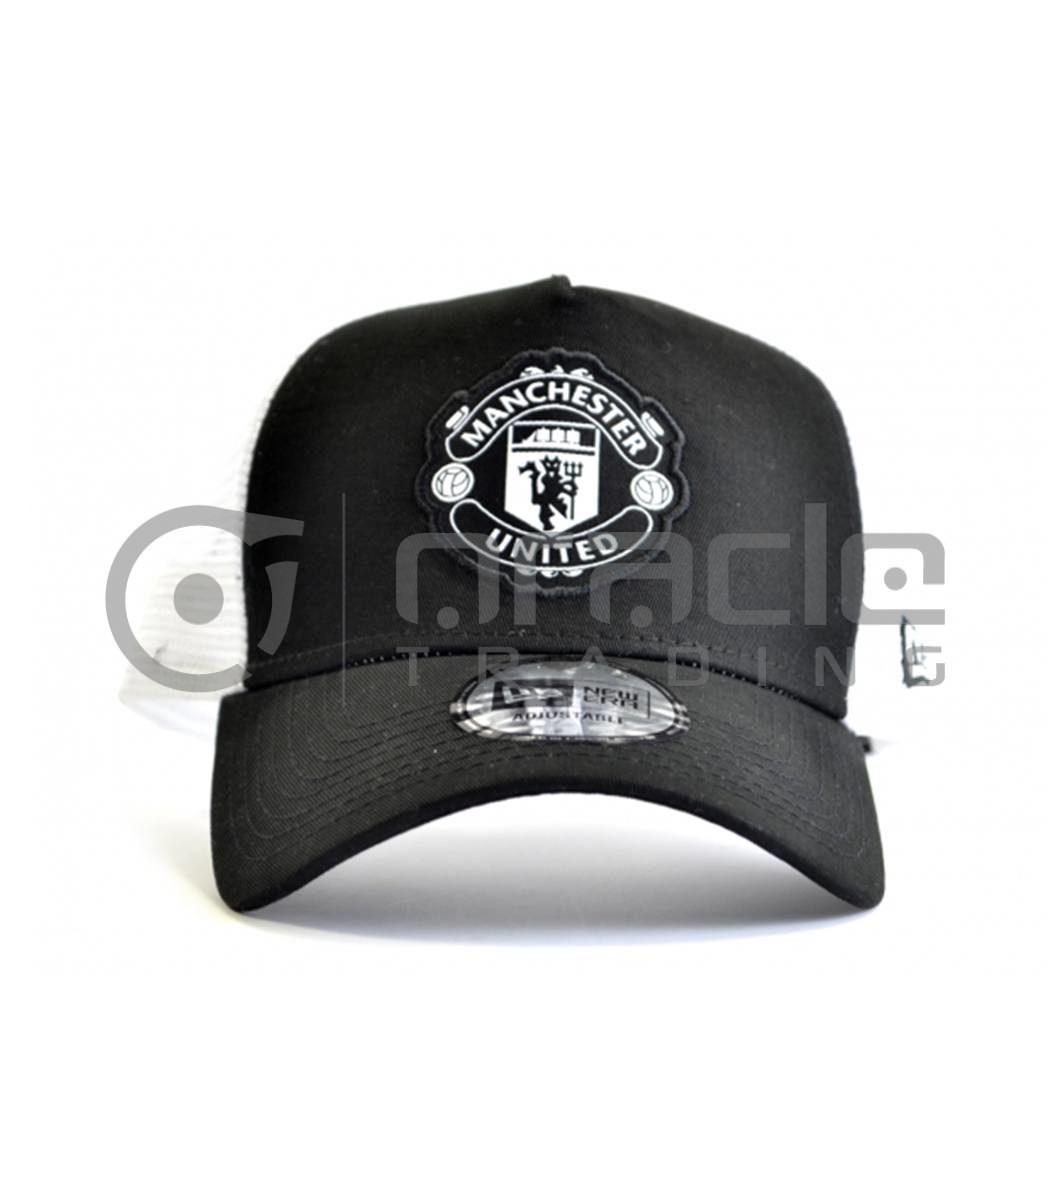 Manchester United Black & White Crest Hat - New Era